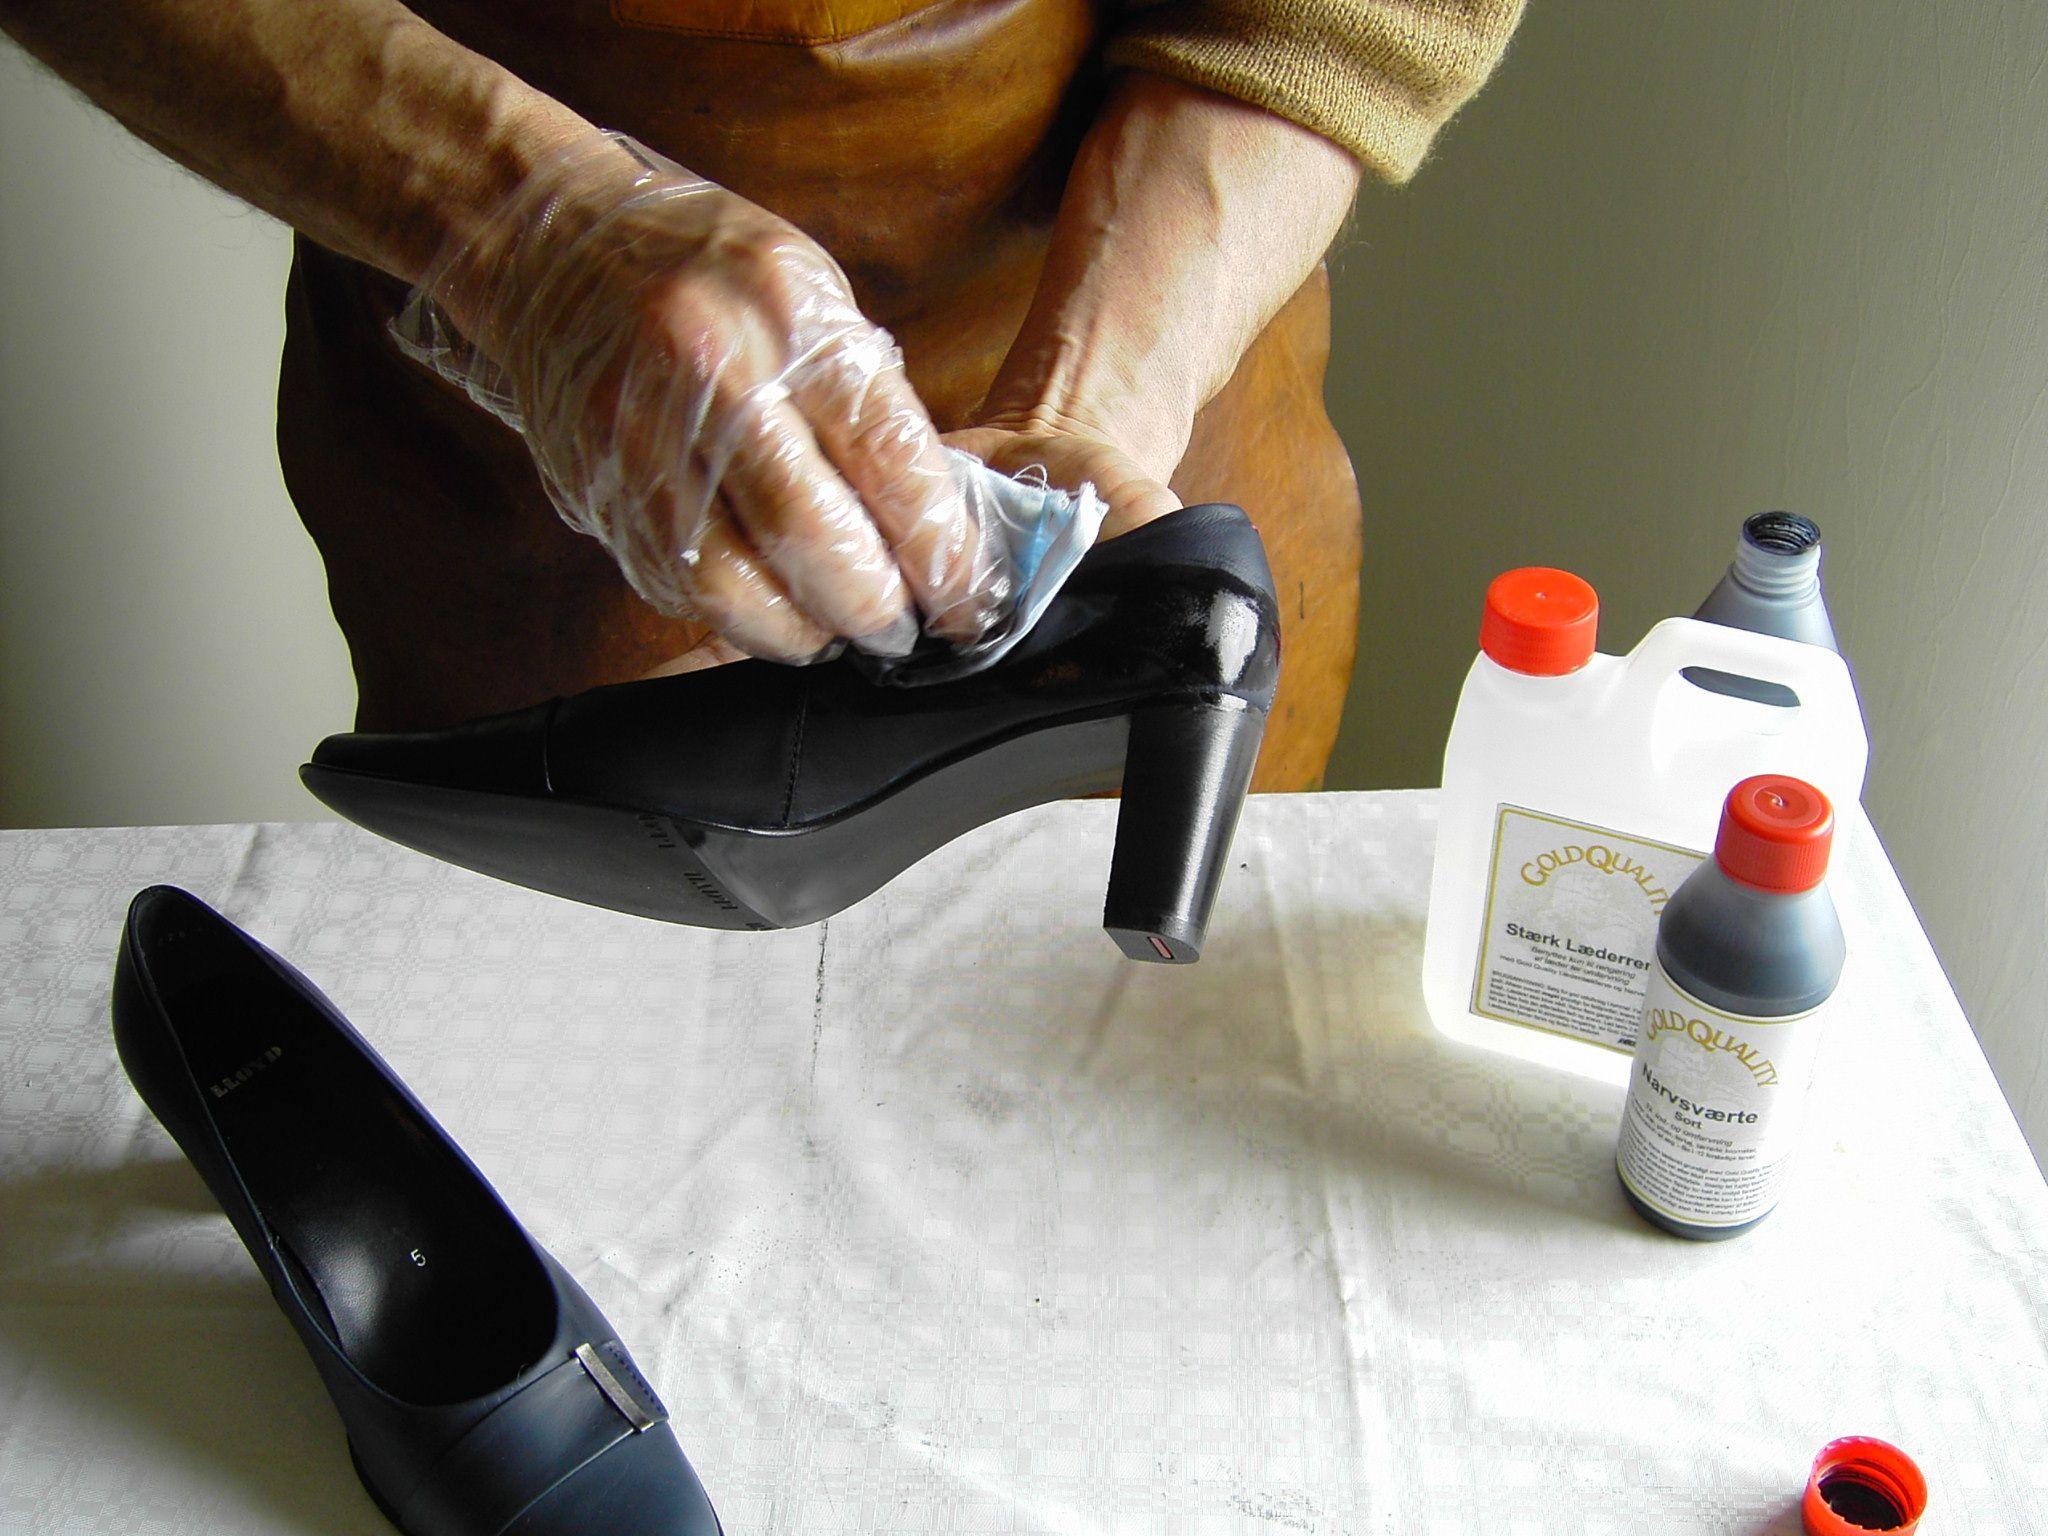 Narvsværte påføres med blød klud  ved stuetemperatur.